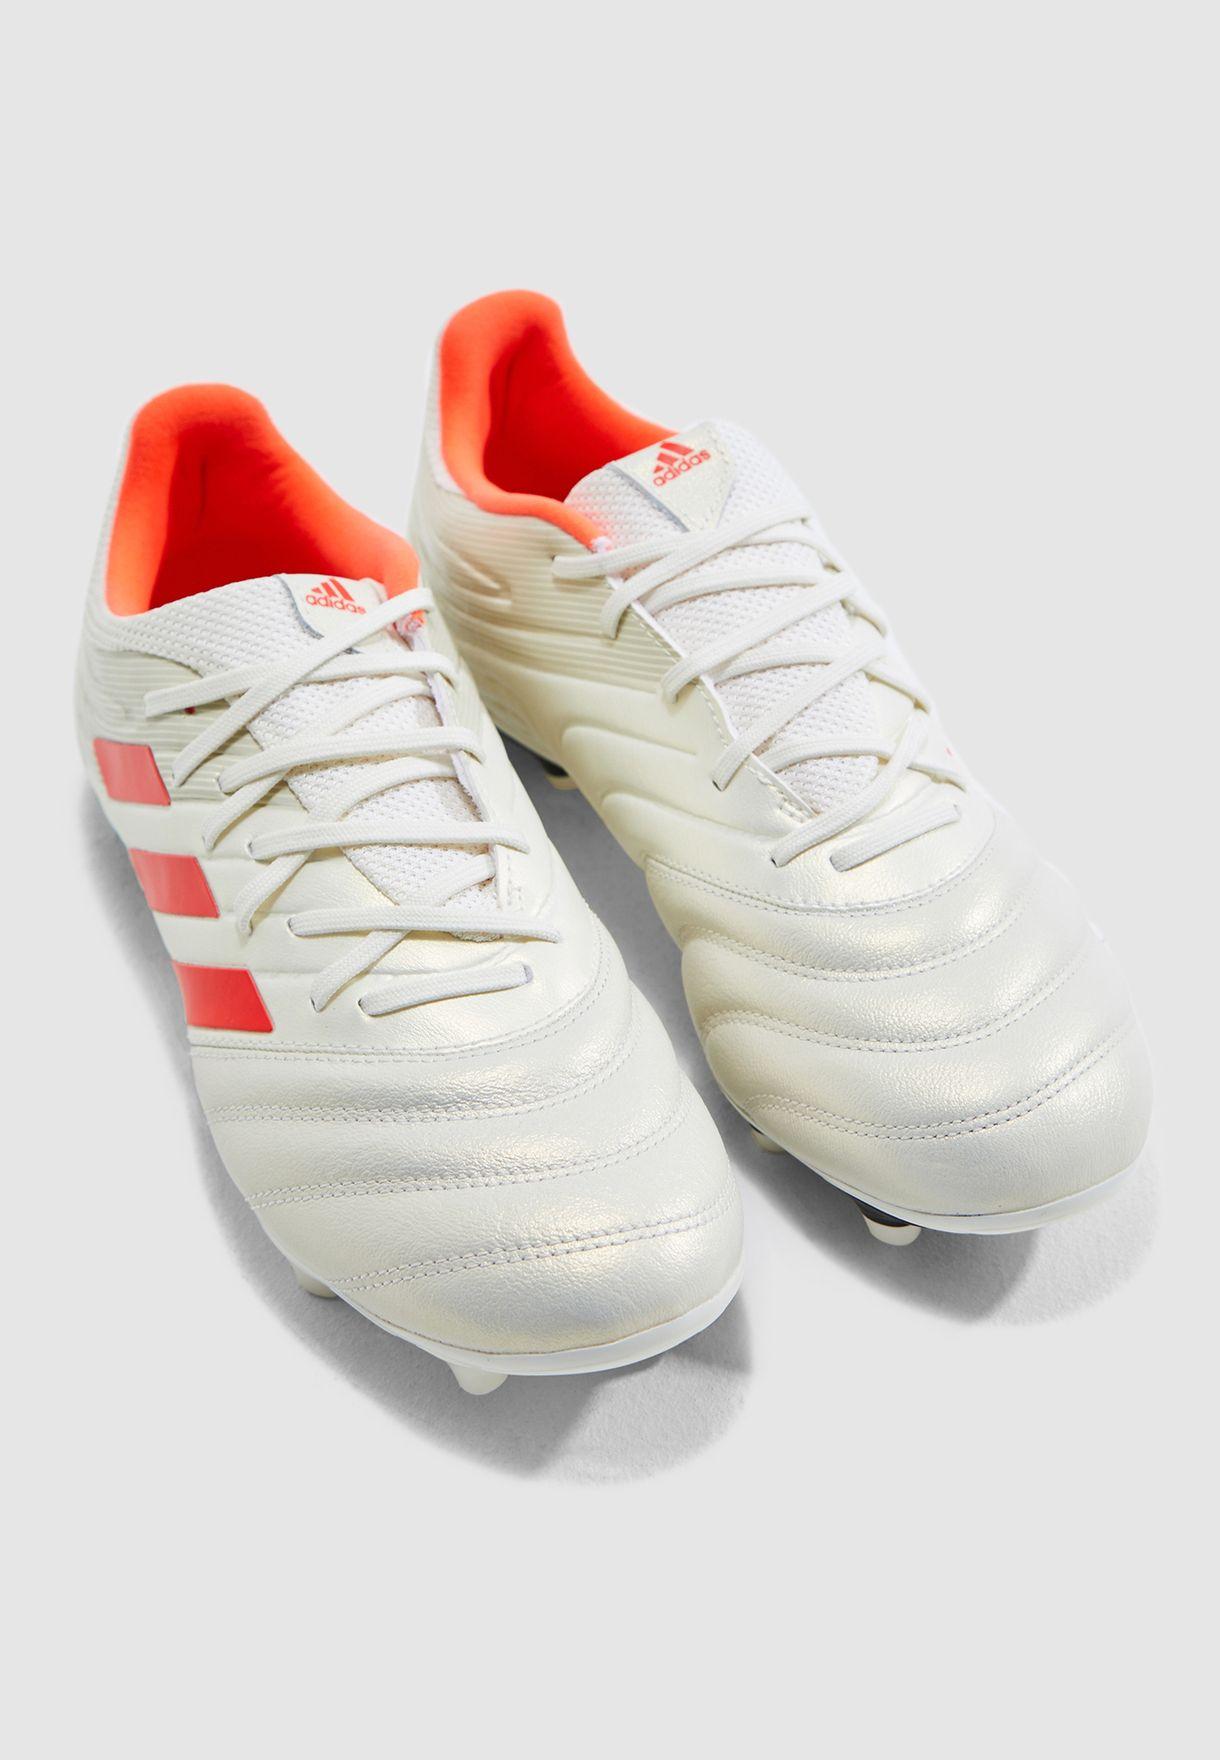 حذاء كوبا 19.3 للارض الصلبة